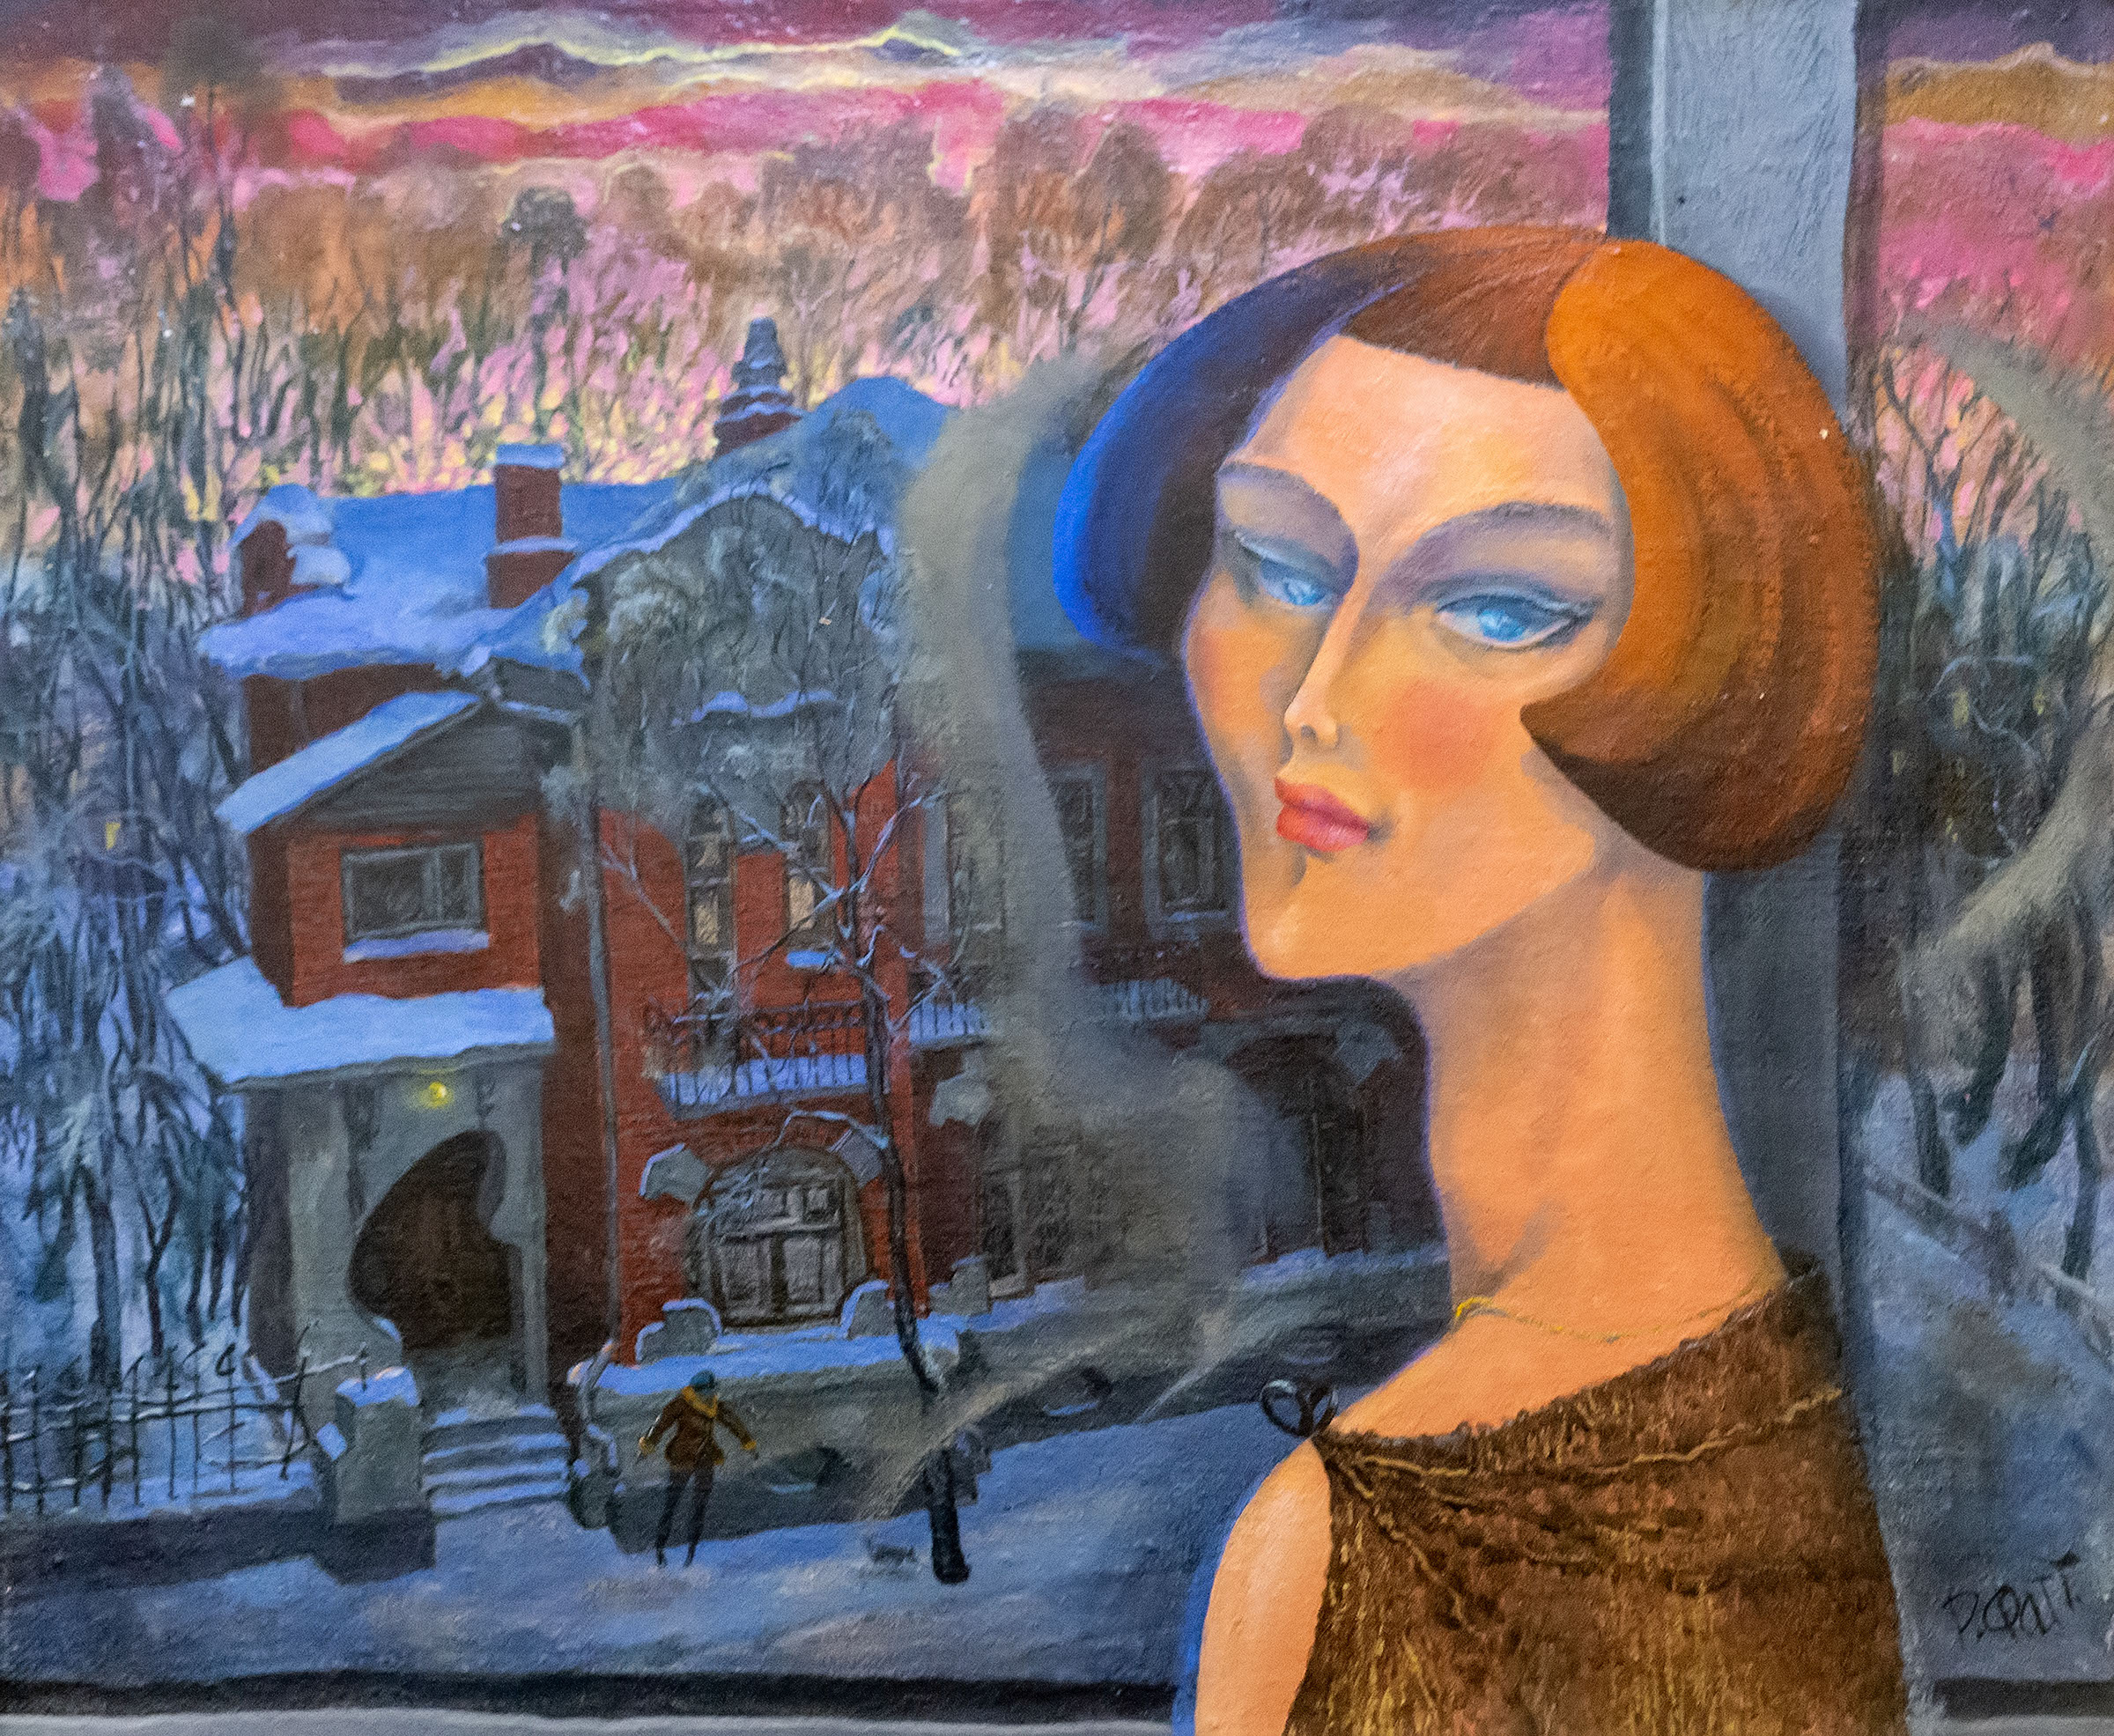 Мадам. 2000. Фаттахов Рустем Шайгалеевич (1946-2019)::Выставка 6 молодых художников. Взгляд через 50 лет. 1970-2020